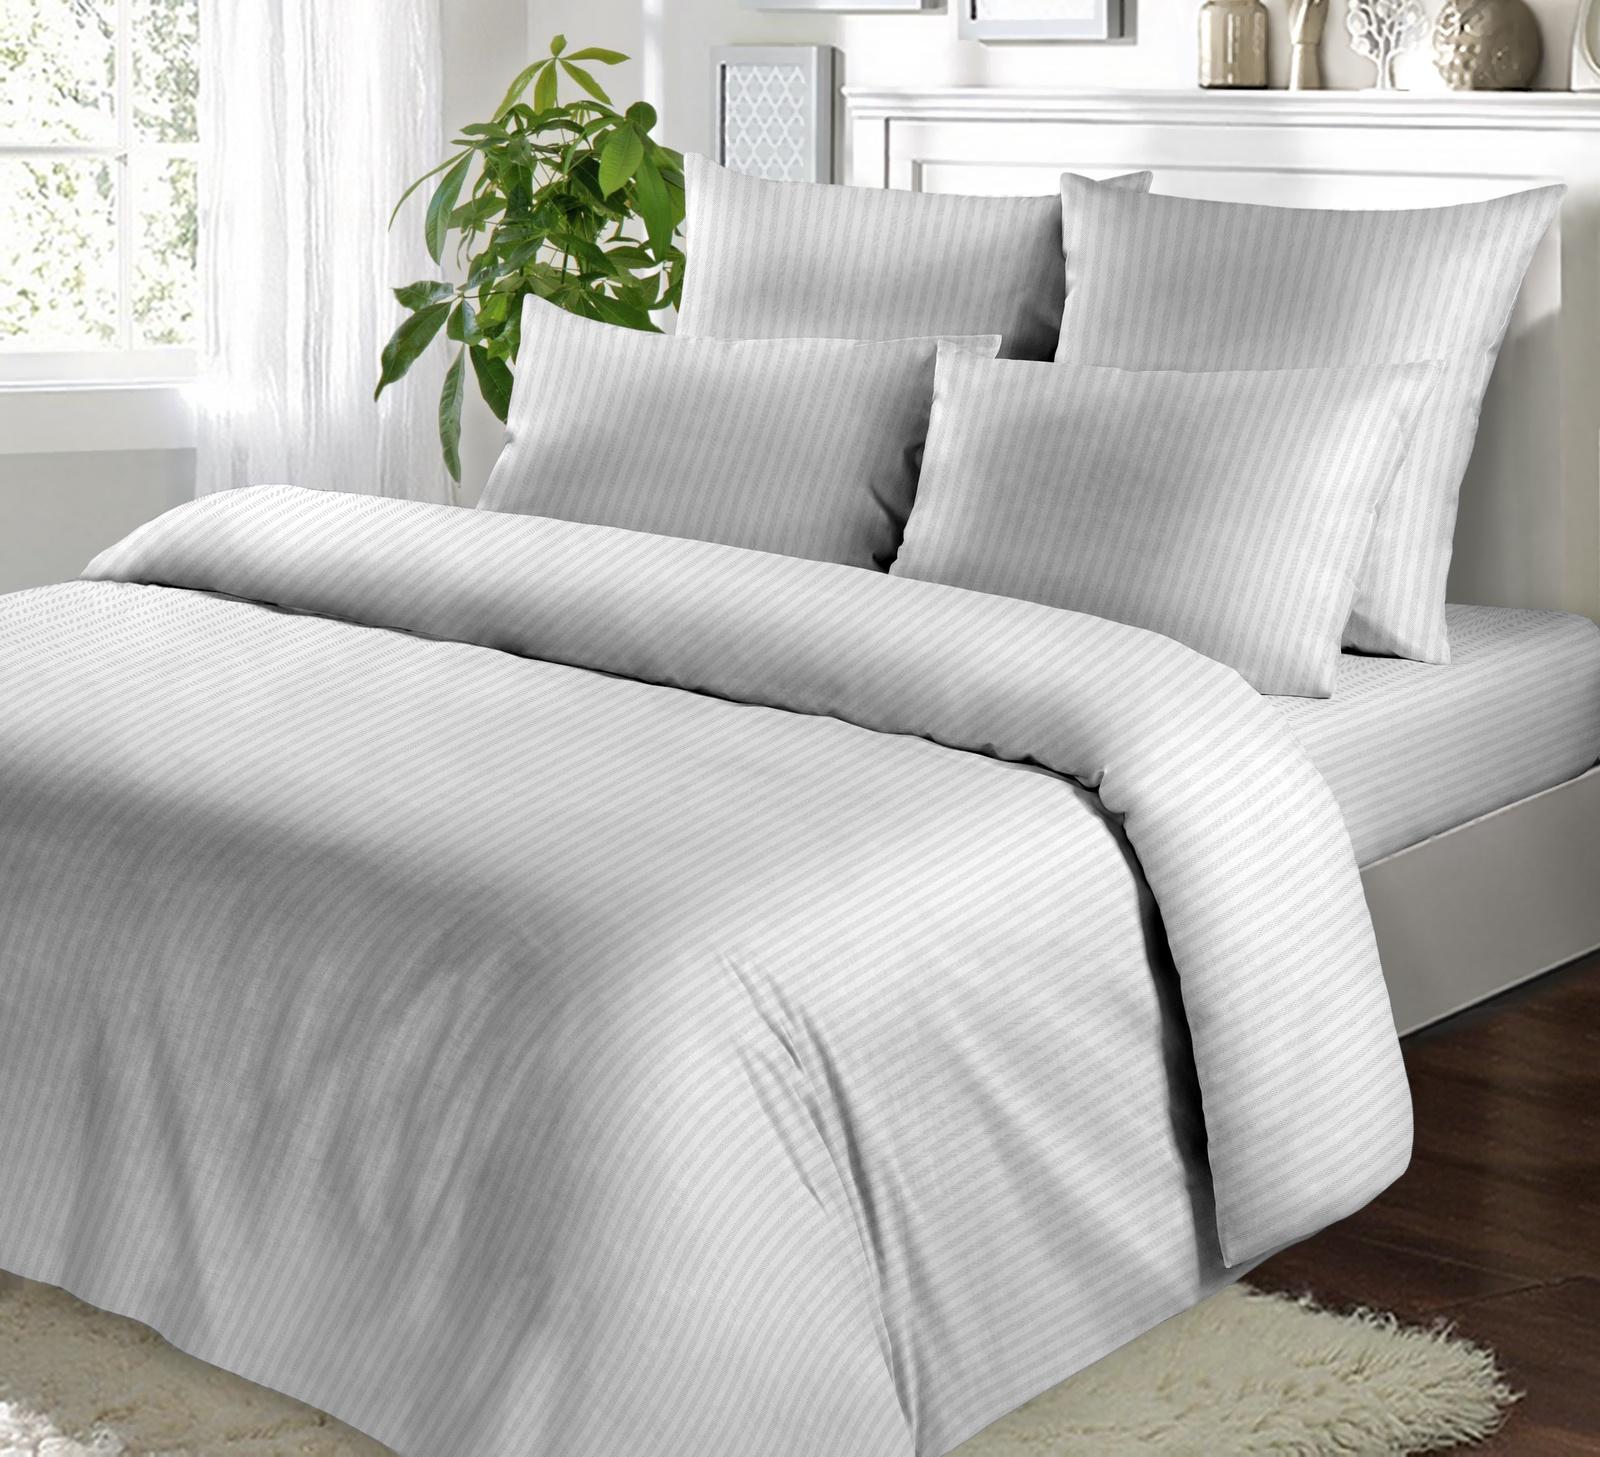 Комплект постельного белья BUTTERFLY Сатин гладкокрашенный (СК4) рис.Белая полоса 1*1, 2-спальный с европростыней